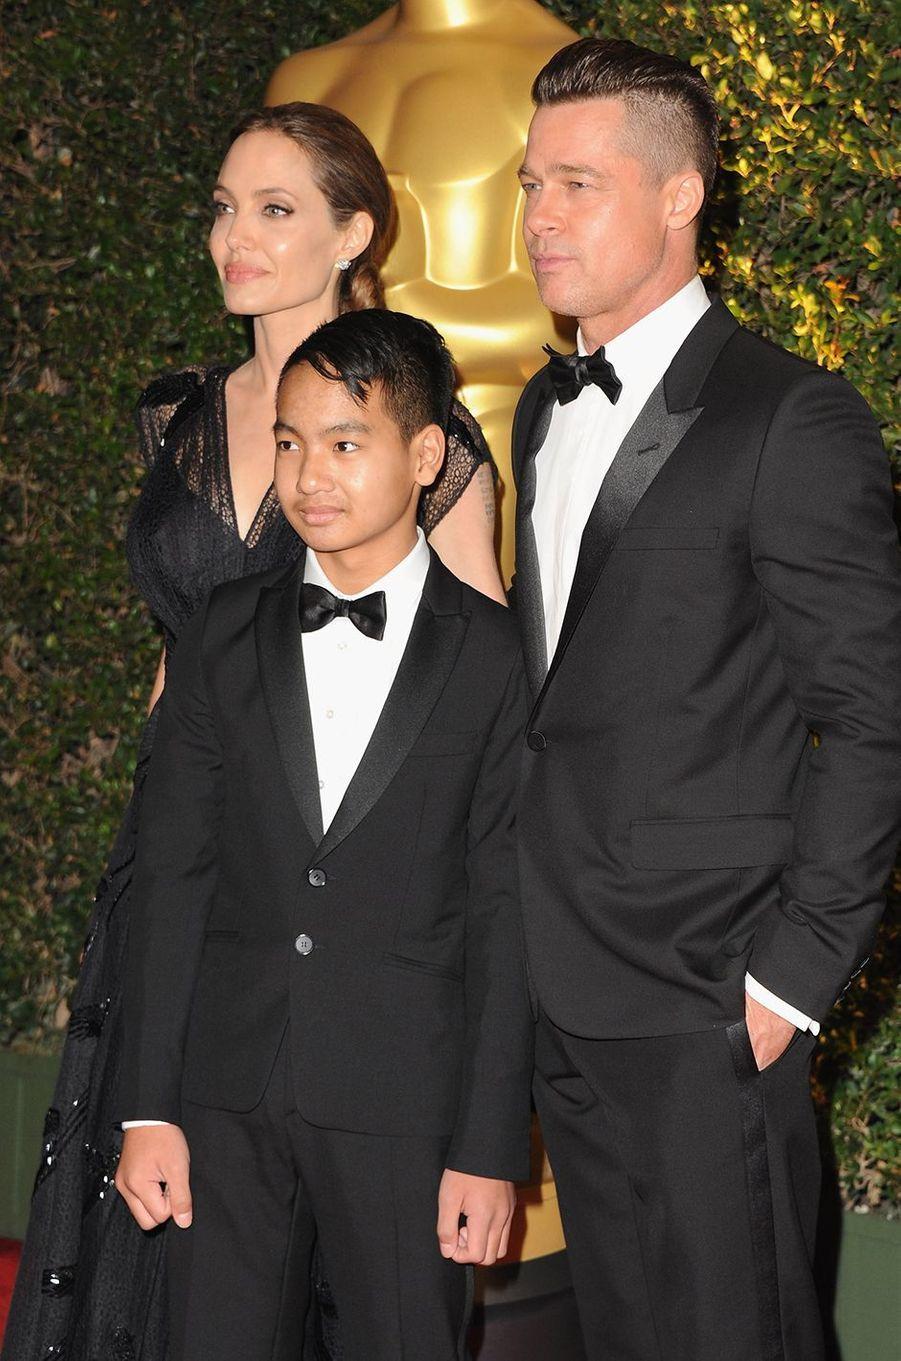 Brad Pitt avec Maddox et Angelina Jolie aux Governors Awards à Los Angeles en novembre 2013